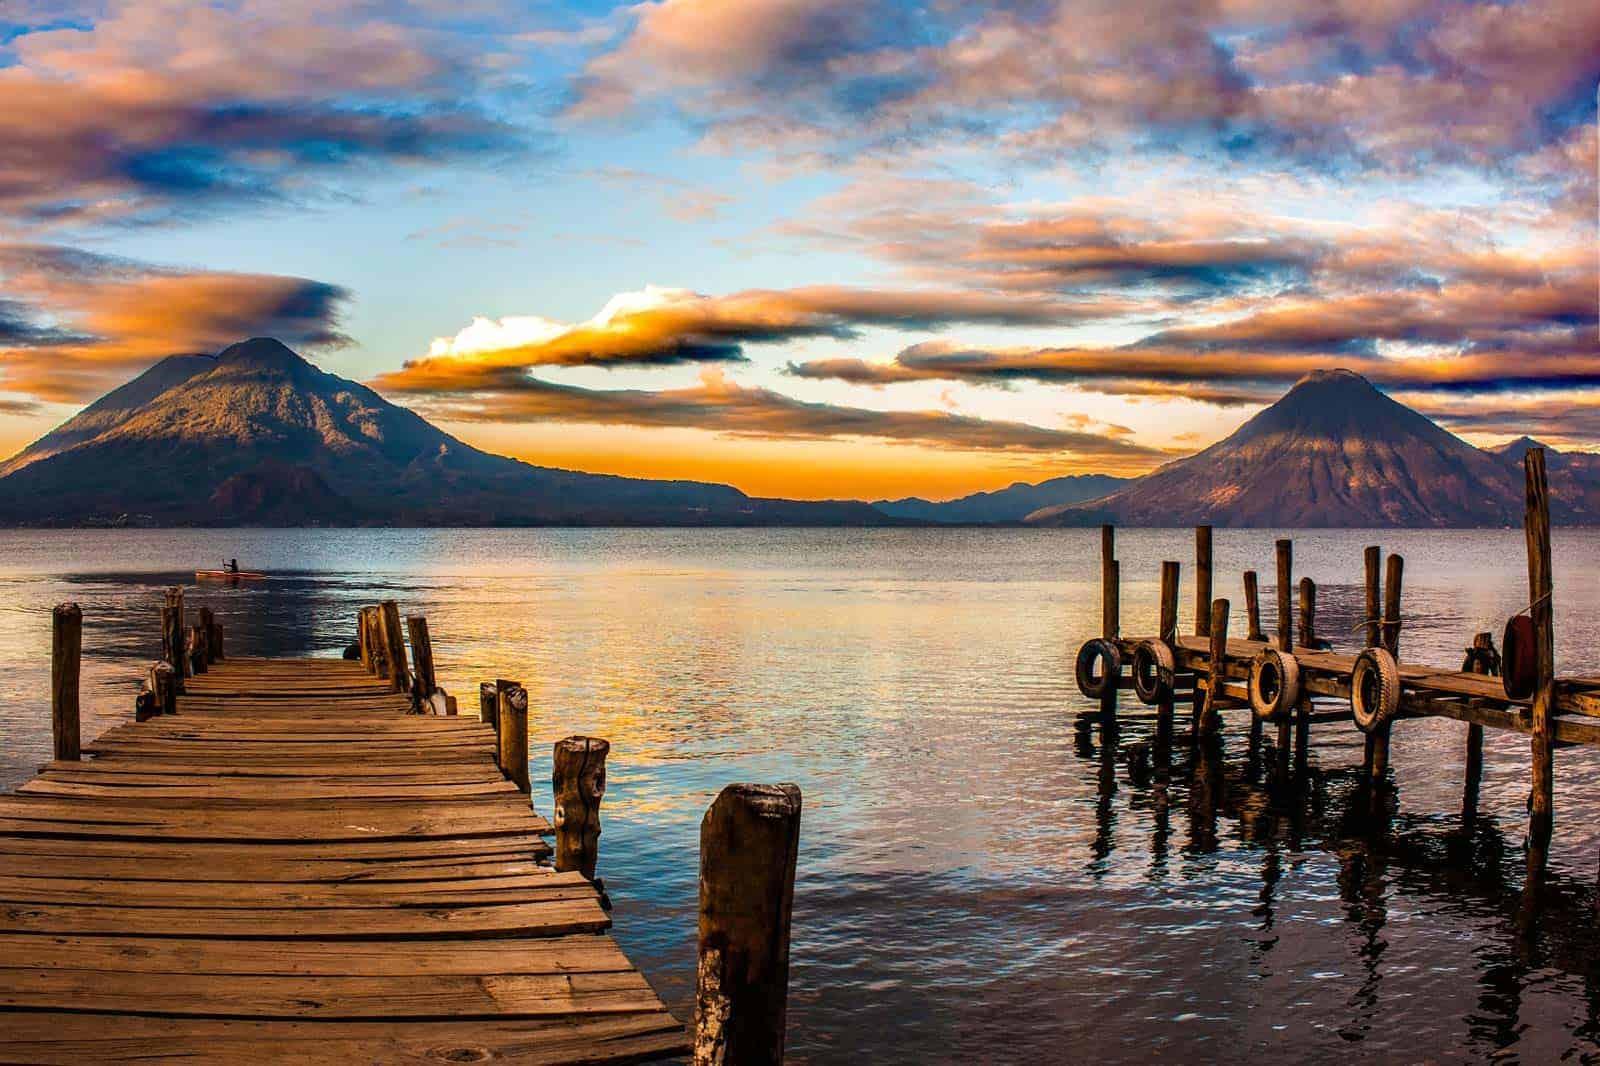 Guatemala: turismo e dicas de viagem para visitar Guatemala • Alma de Viajante